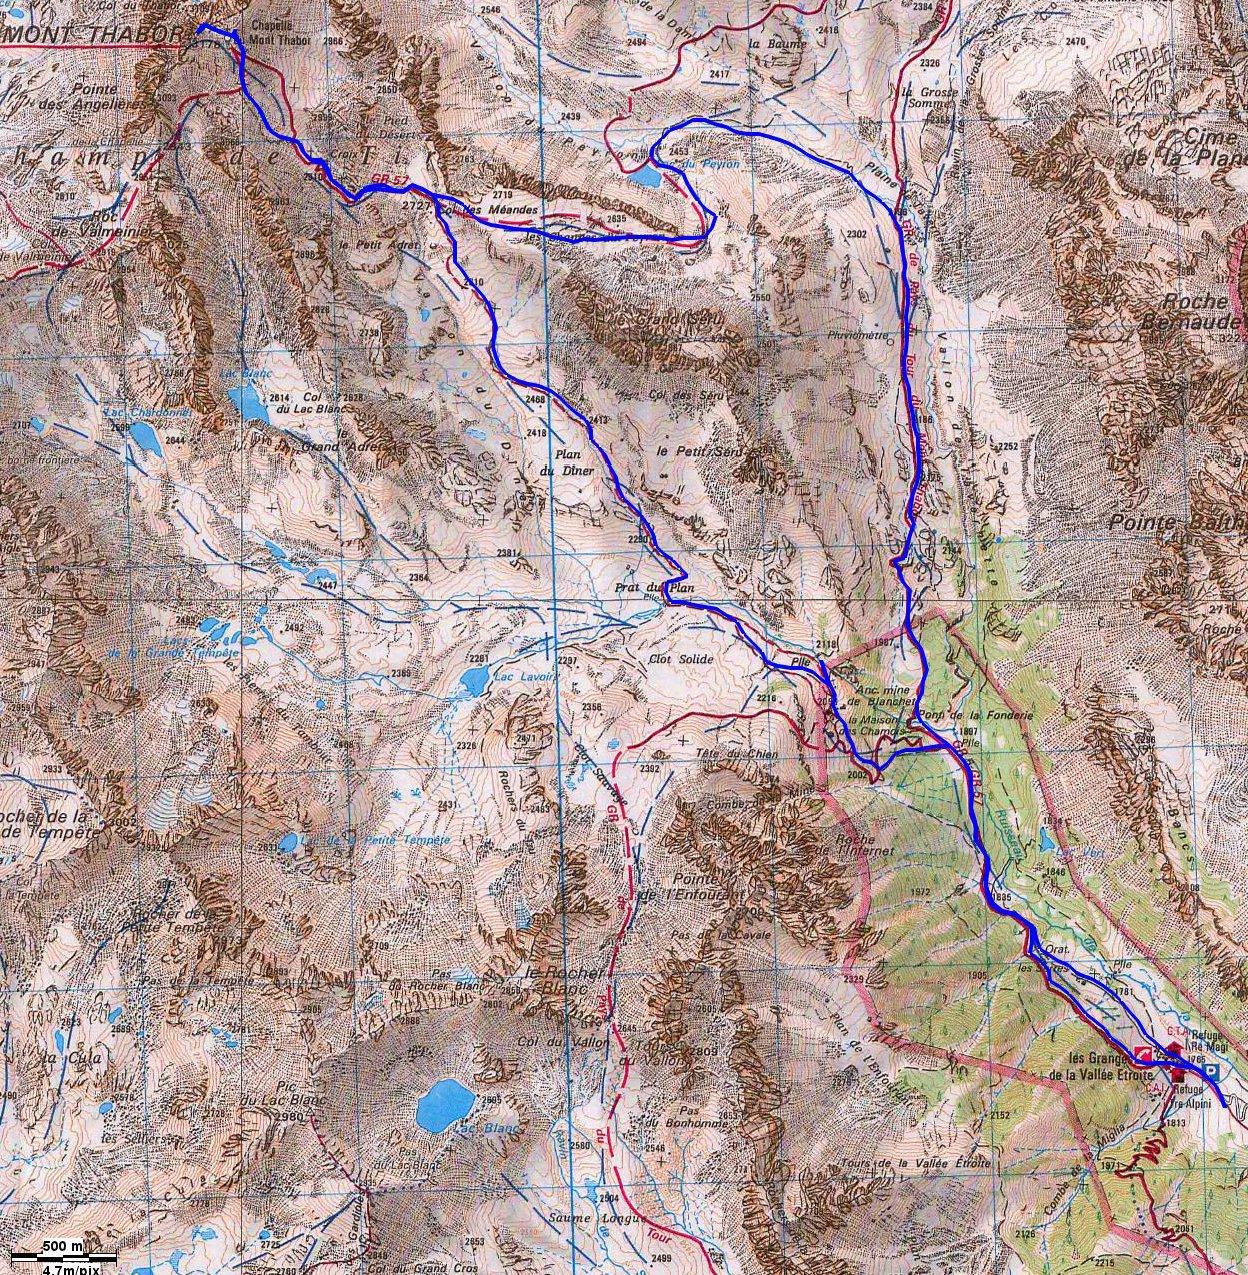 cartina con traccia che passa dal lago peyron